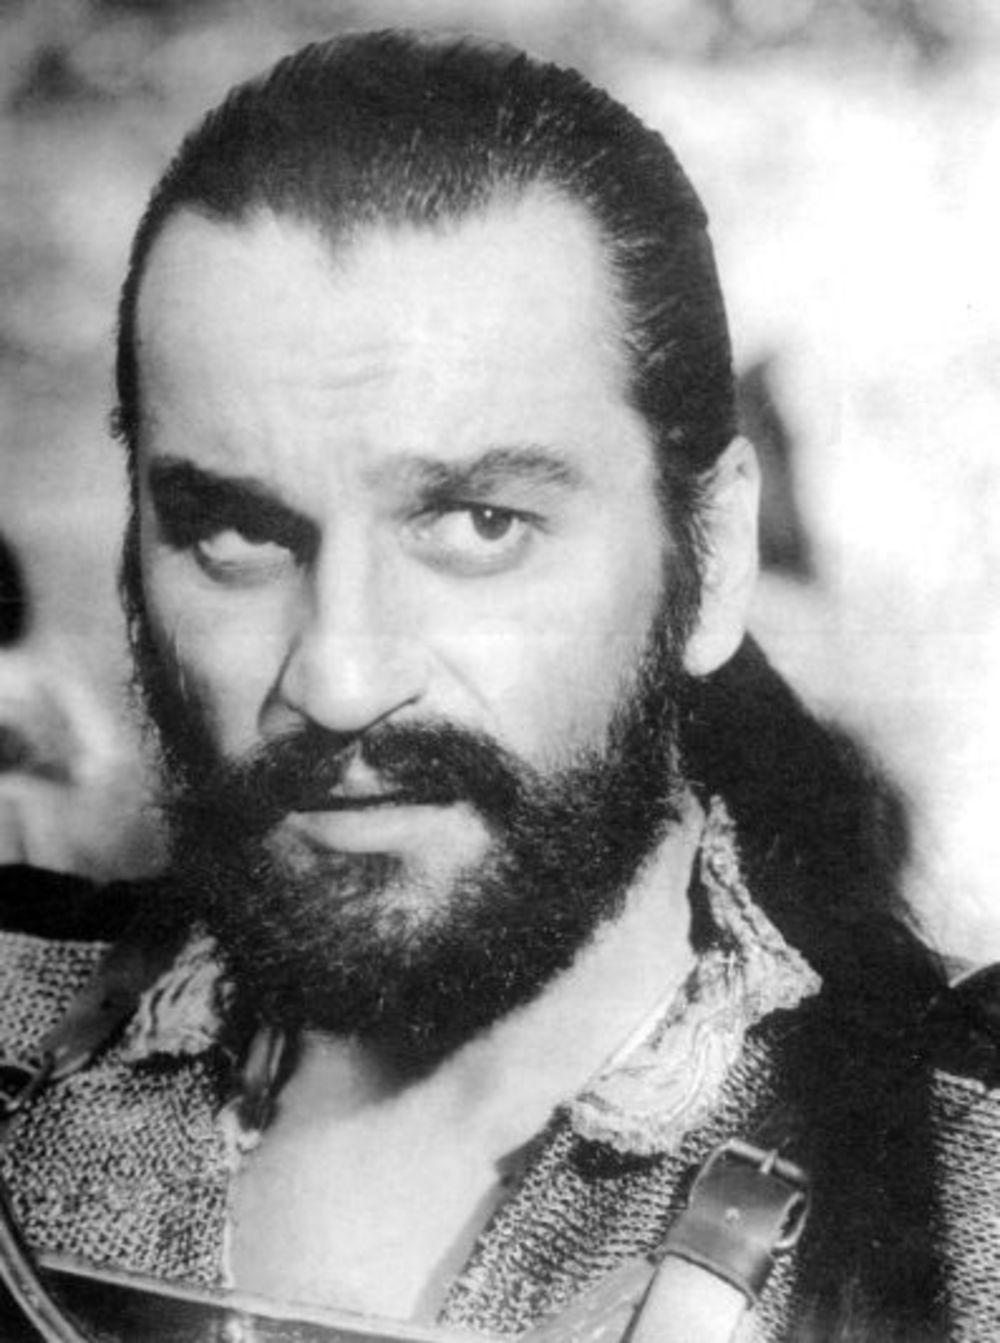 Dragan Nikolic in Banovic Strahinja (1981)